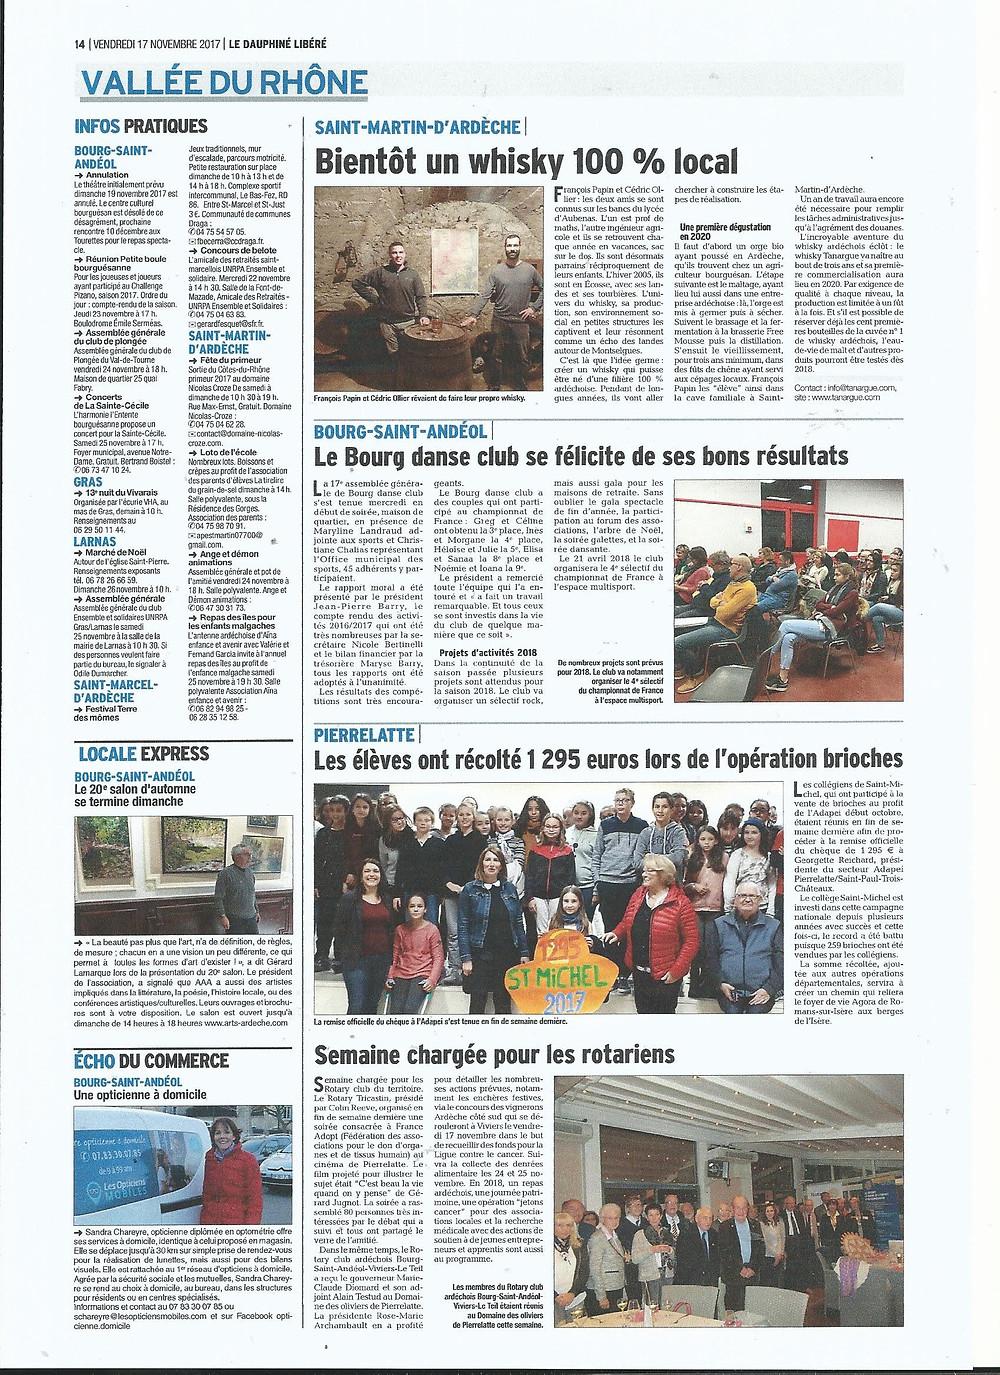 Tanargue dans le Dauphiné Libéré